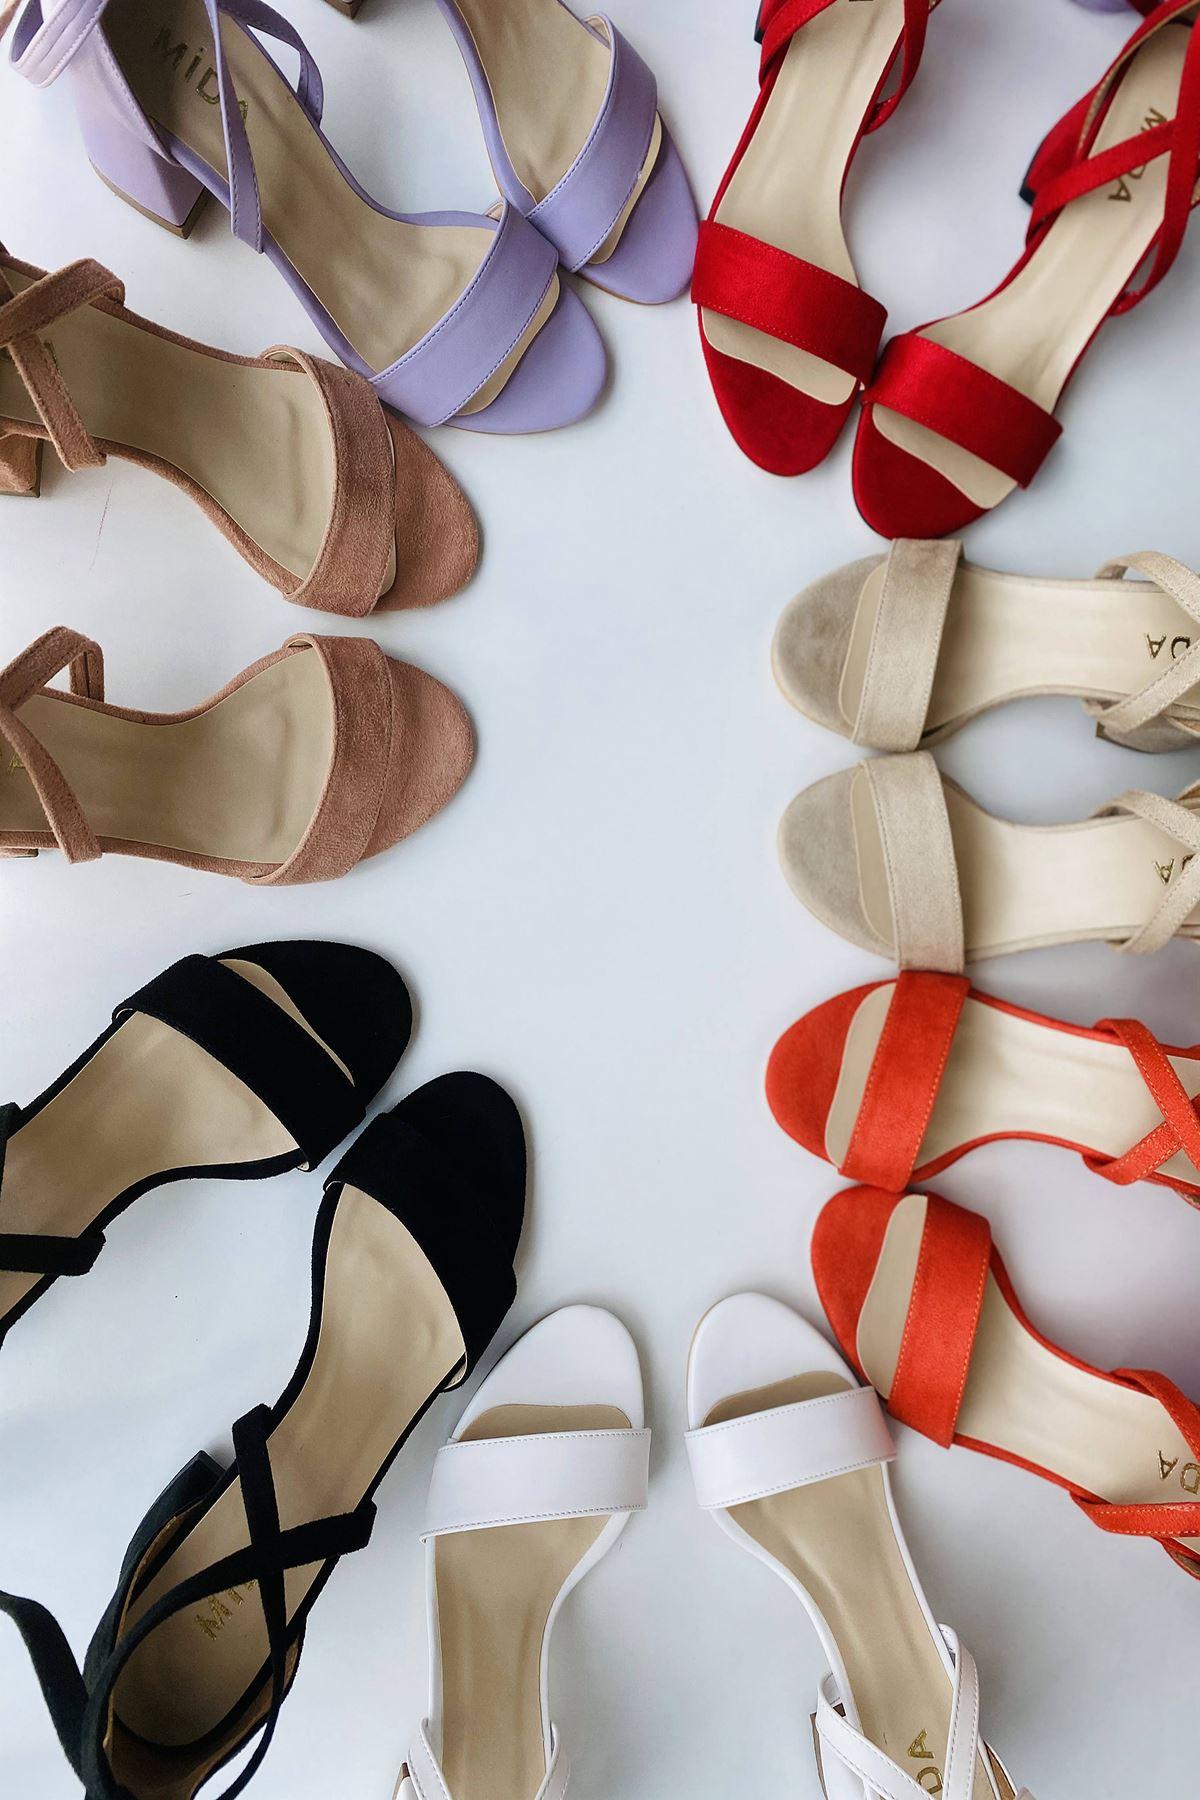 Y615 Beyaz Deri Topuklu Ayakkabı